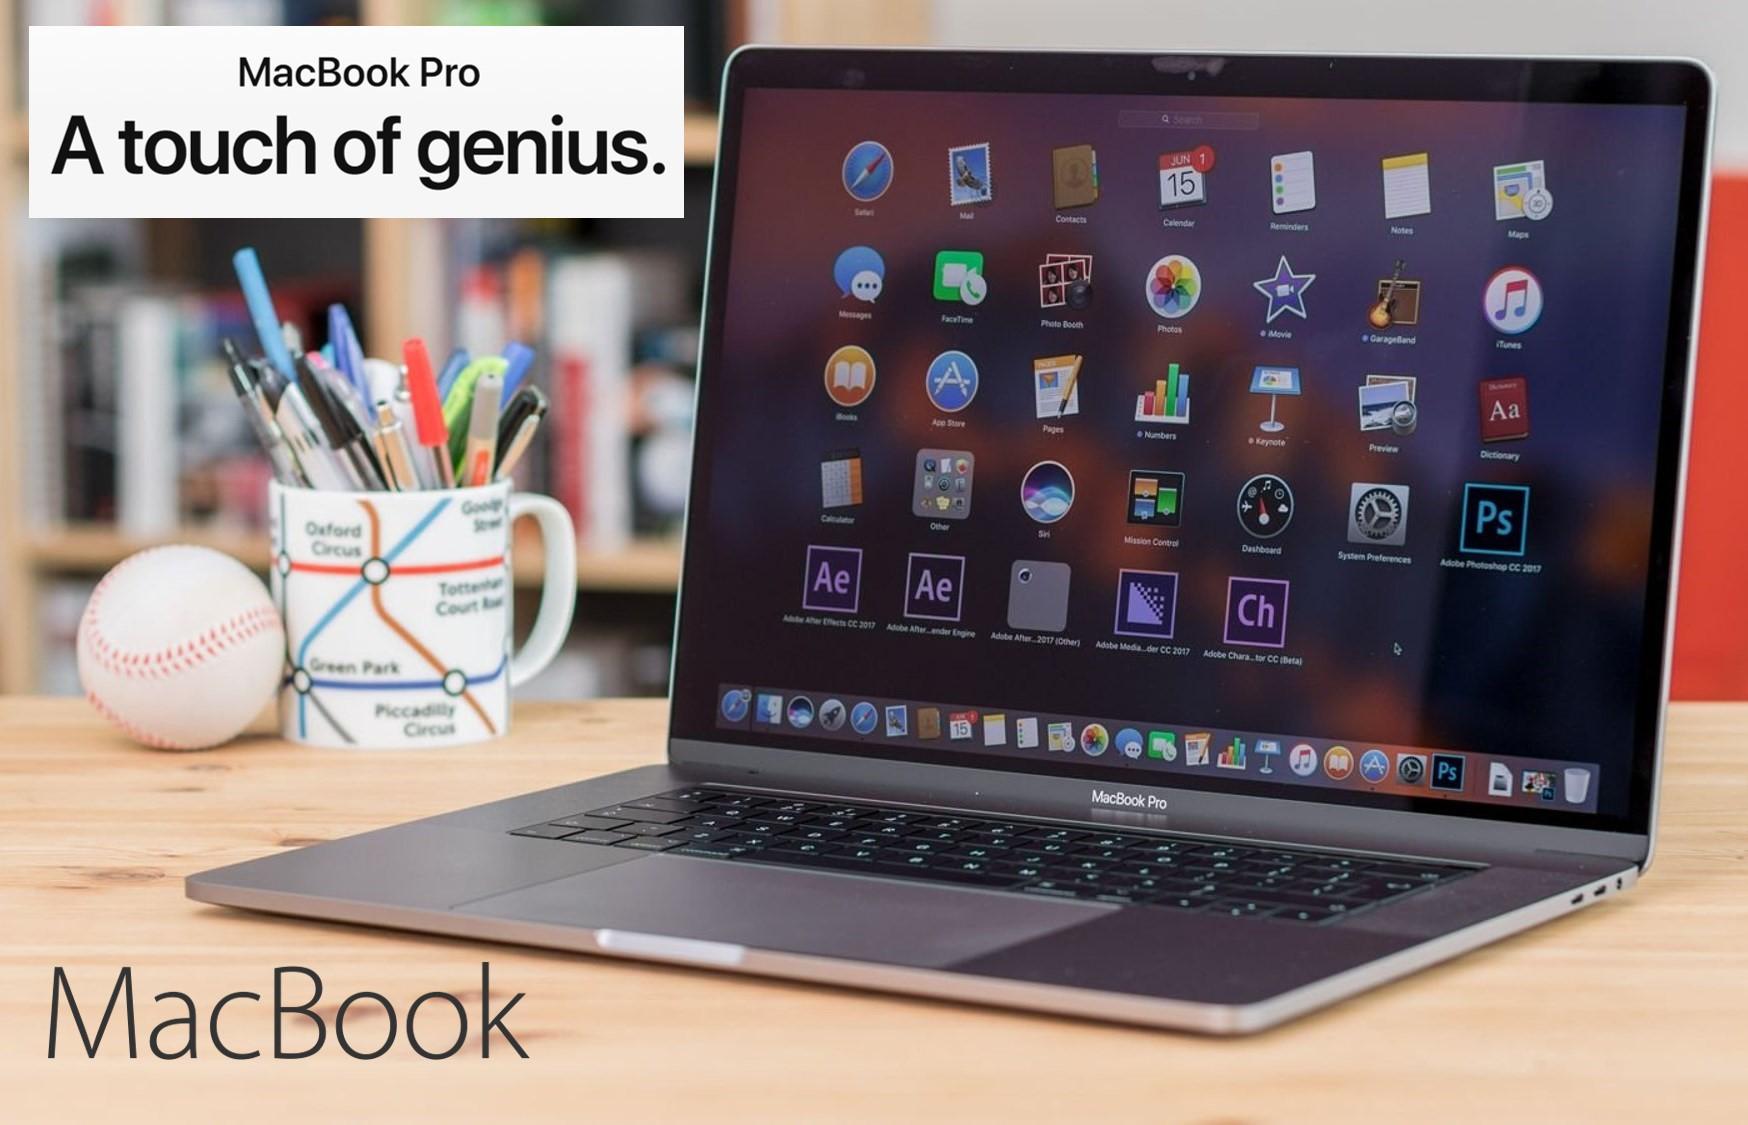 2.799€ από 3.619€ για τo νέο Apple MacBook Pro 15.4'' Silver (i7/16GB/512GB) with Touch Bar (2017), στην καλύτερη τιμή της αγοράς και με 2 Χρόνια Εγγύηση